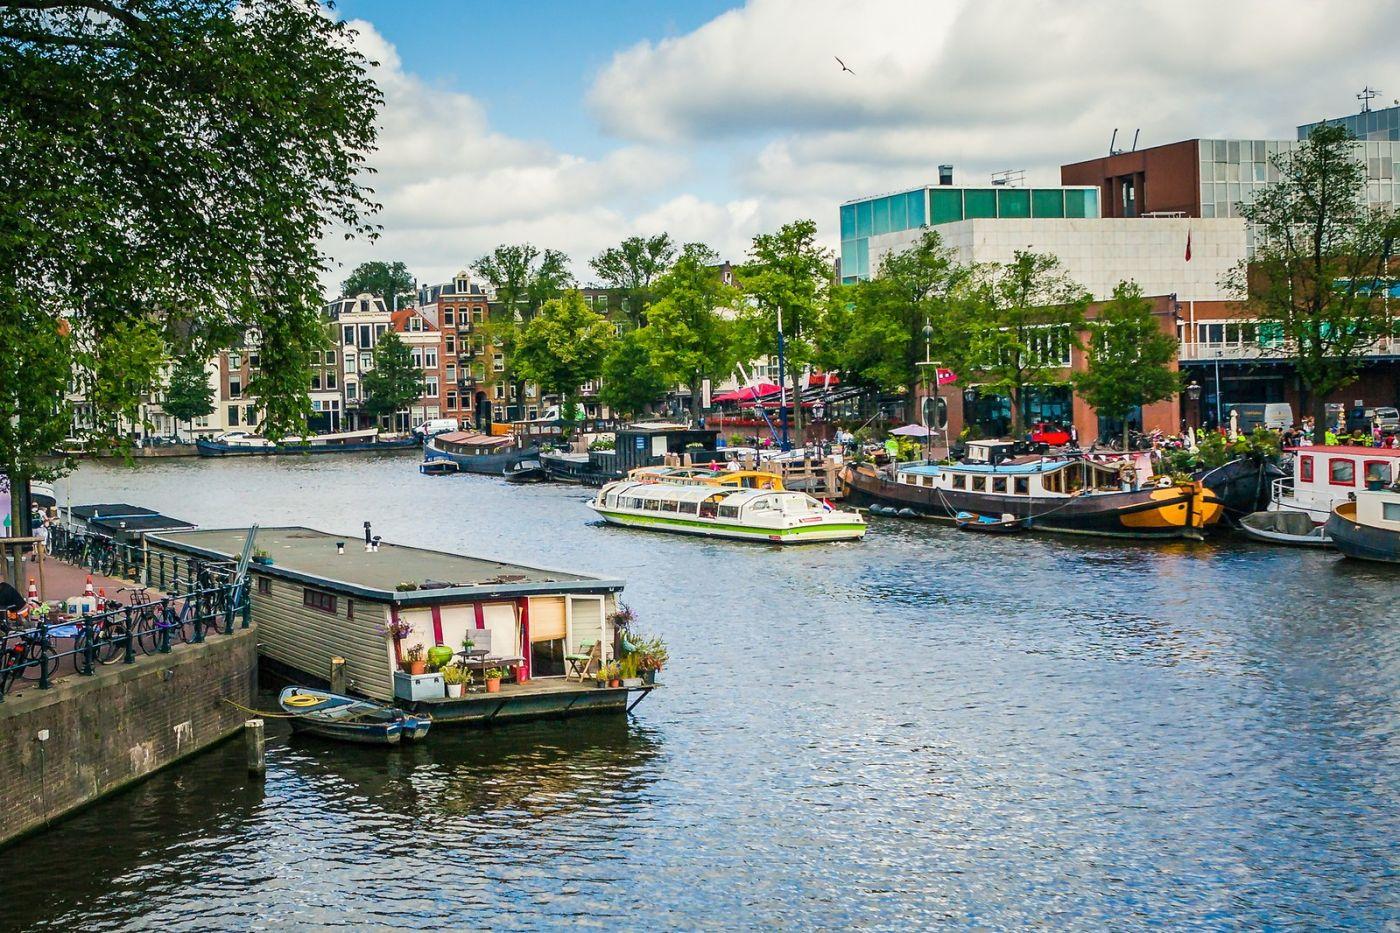 荷兰阿姆斯特丹,穿梭的自行车_图1-23